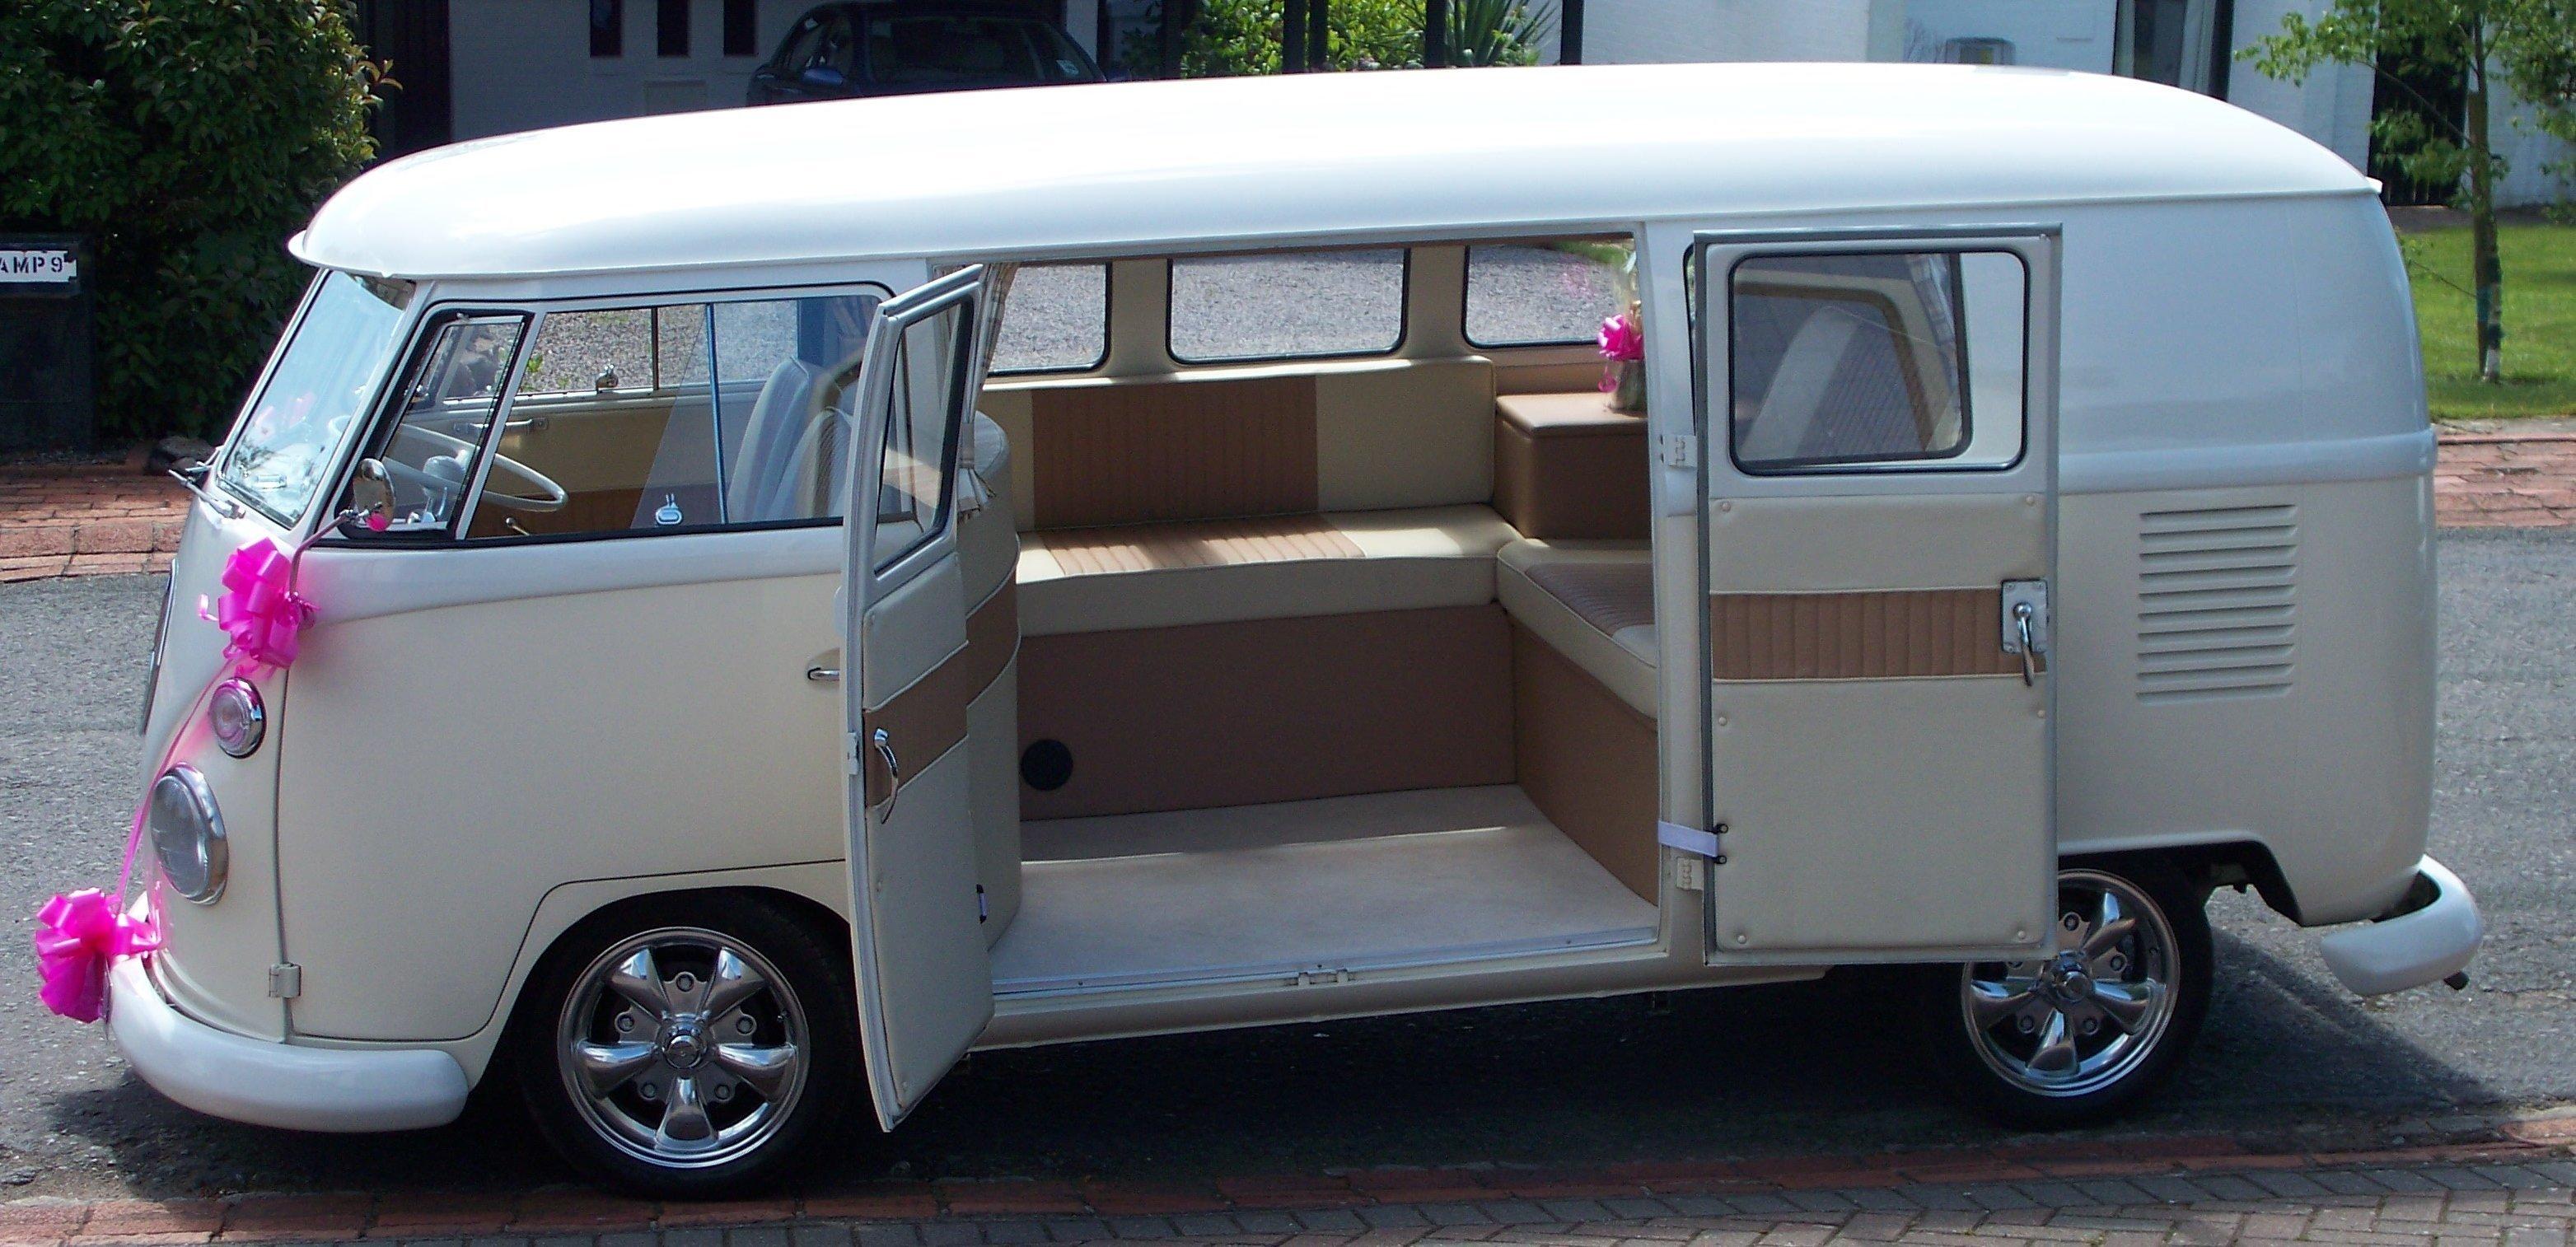 an empty van